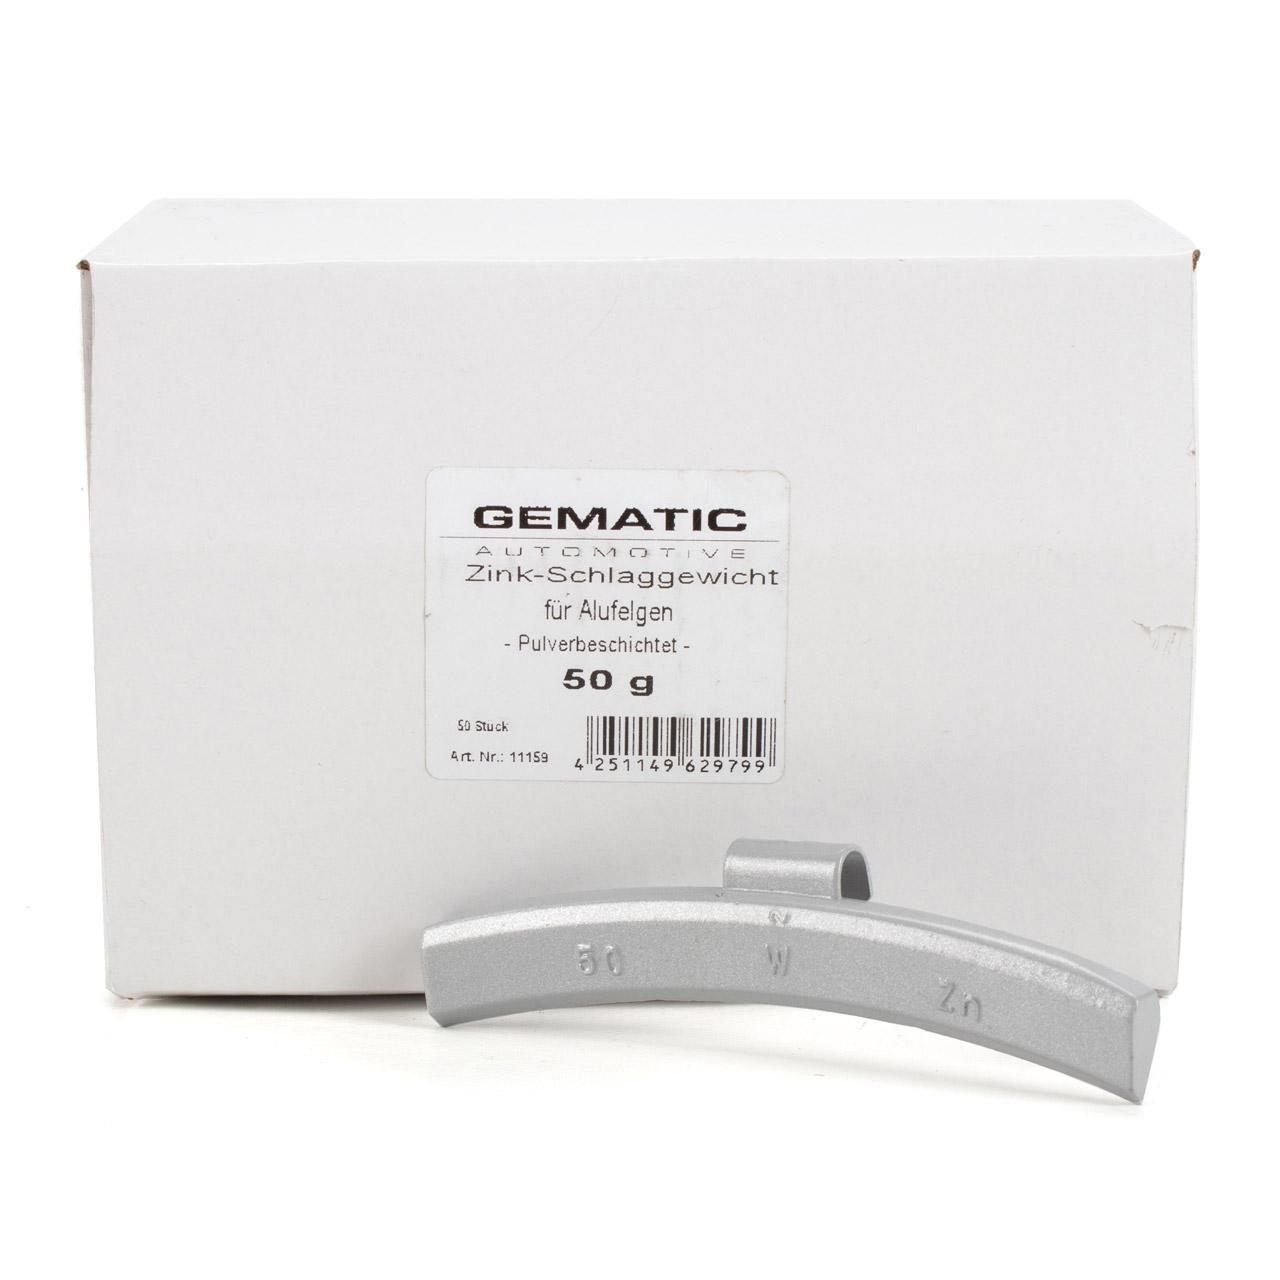 GEMATIC Auswuchtgewicht Schlaggewicht für Alufelge GRAU-ZINK 50 Stück x 50g